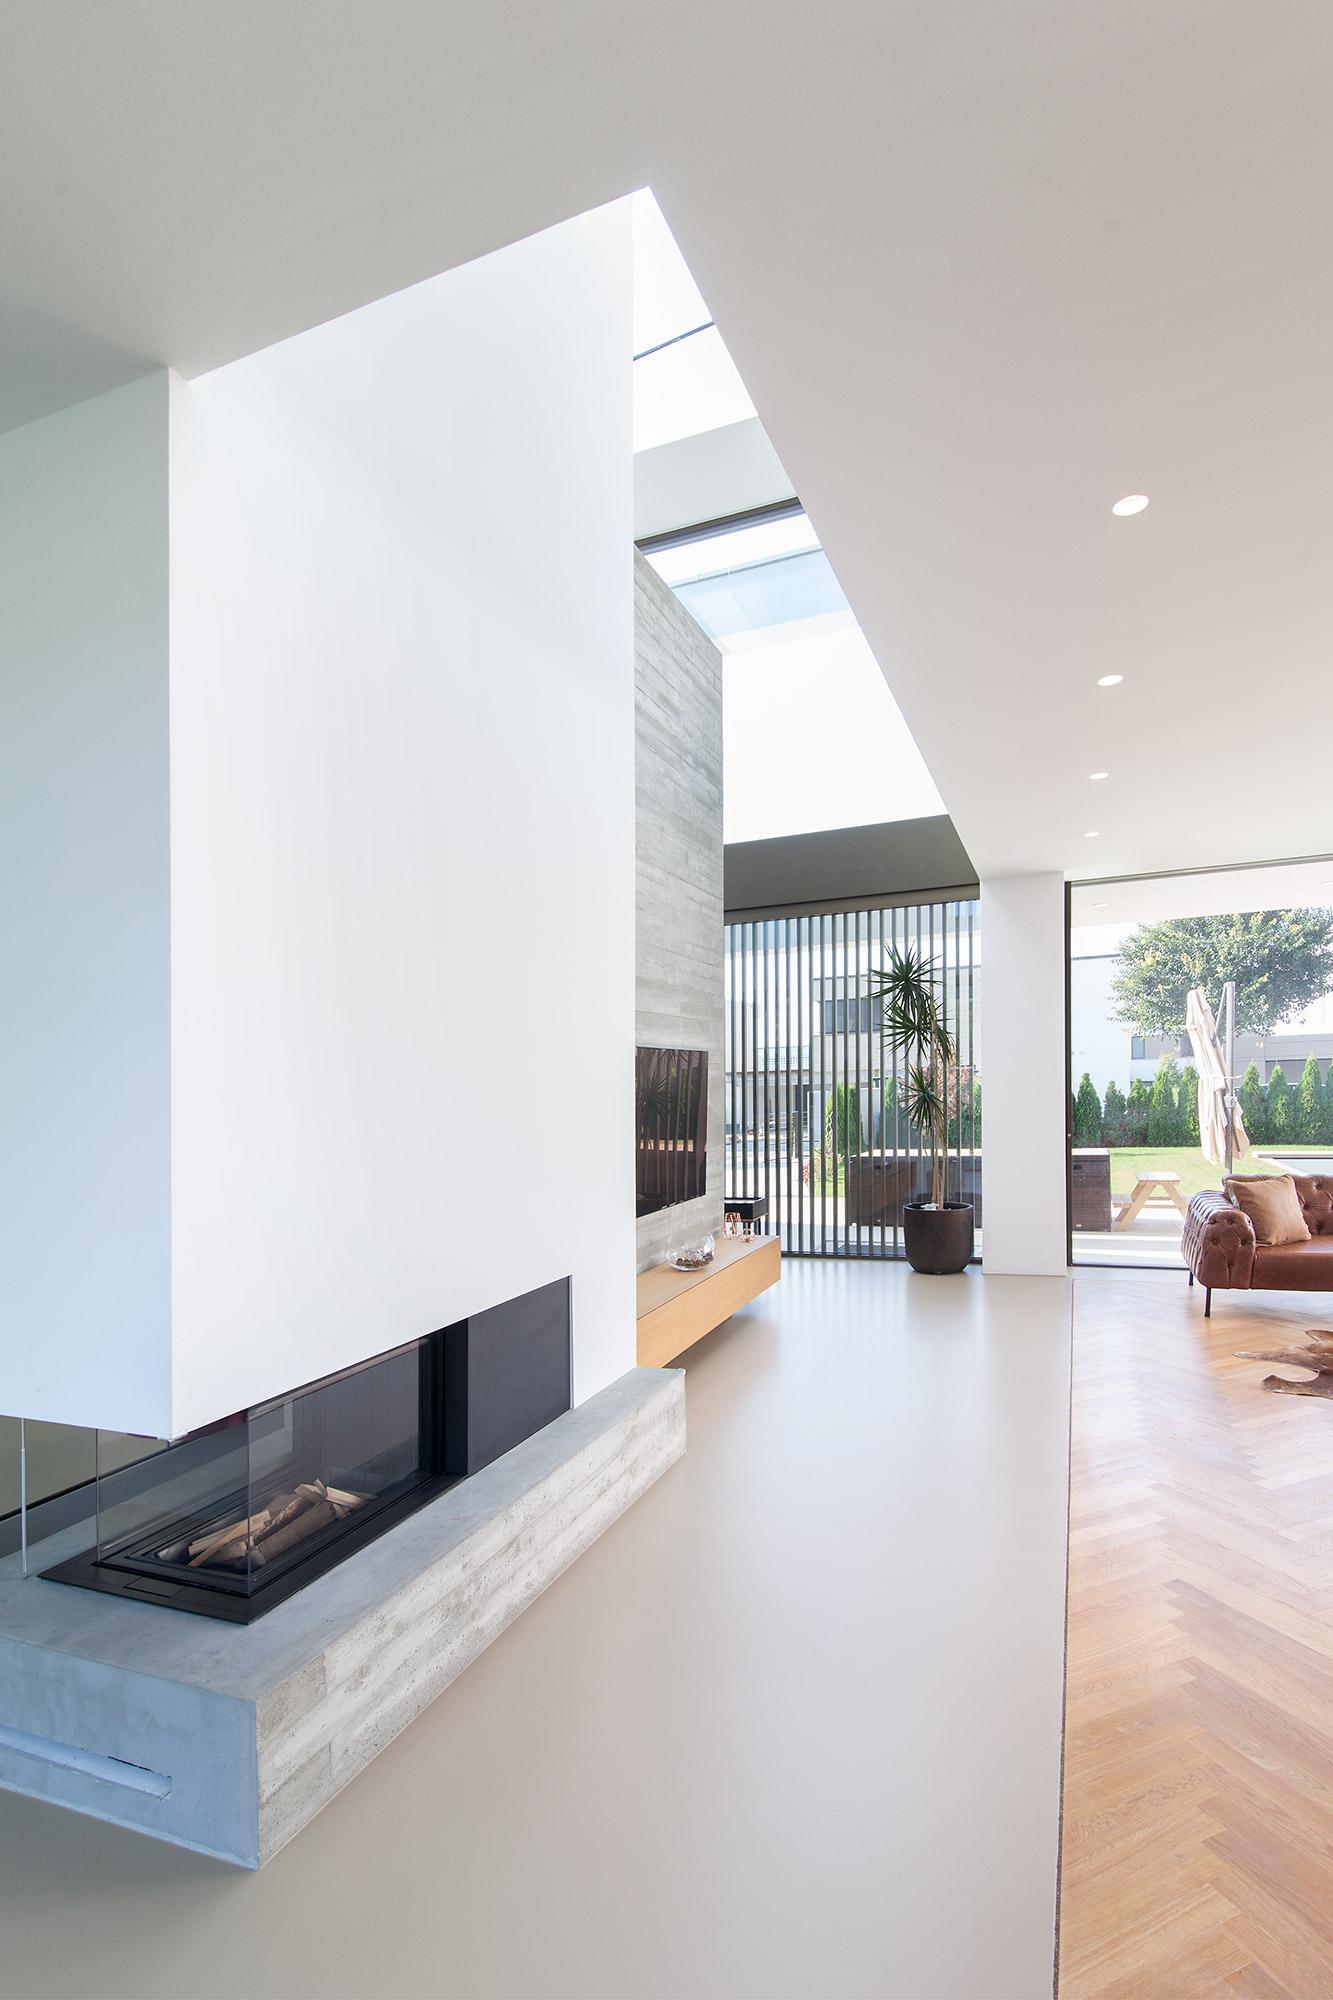 Villa Y Betonwand als Raumteiler mit Kamin im Erdgeschoss FFM-ARCHITEKTEN.